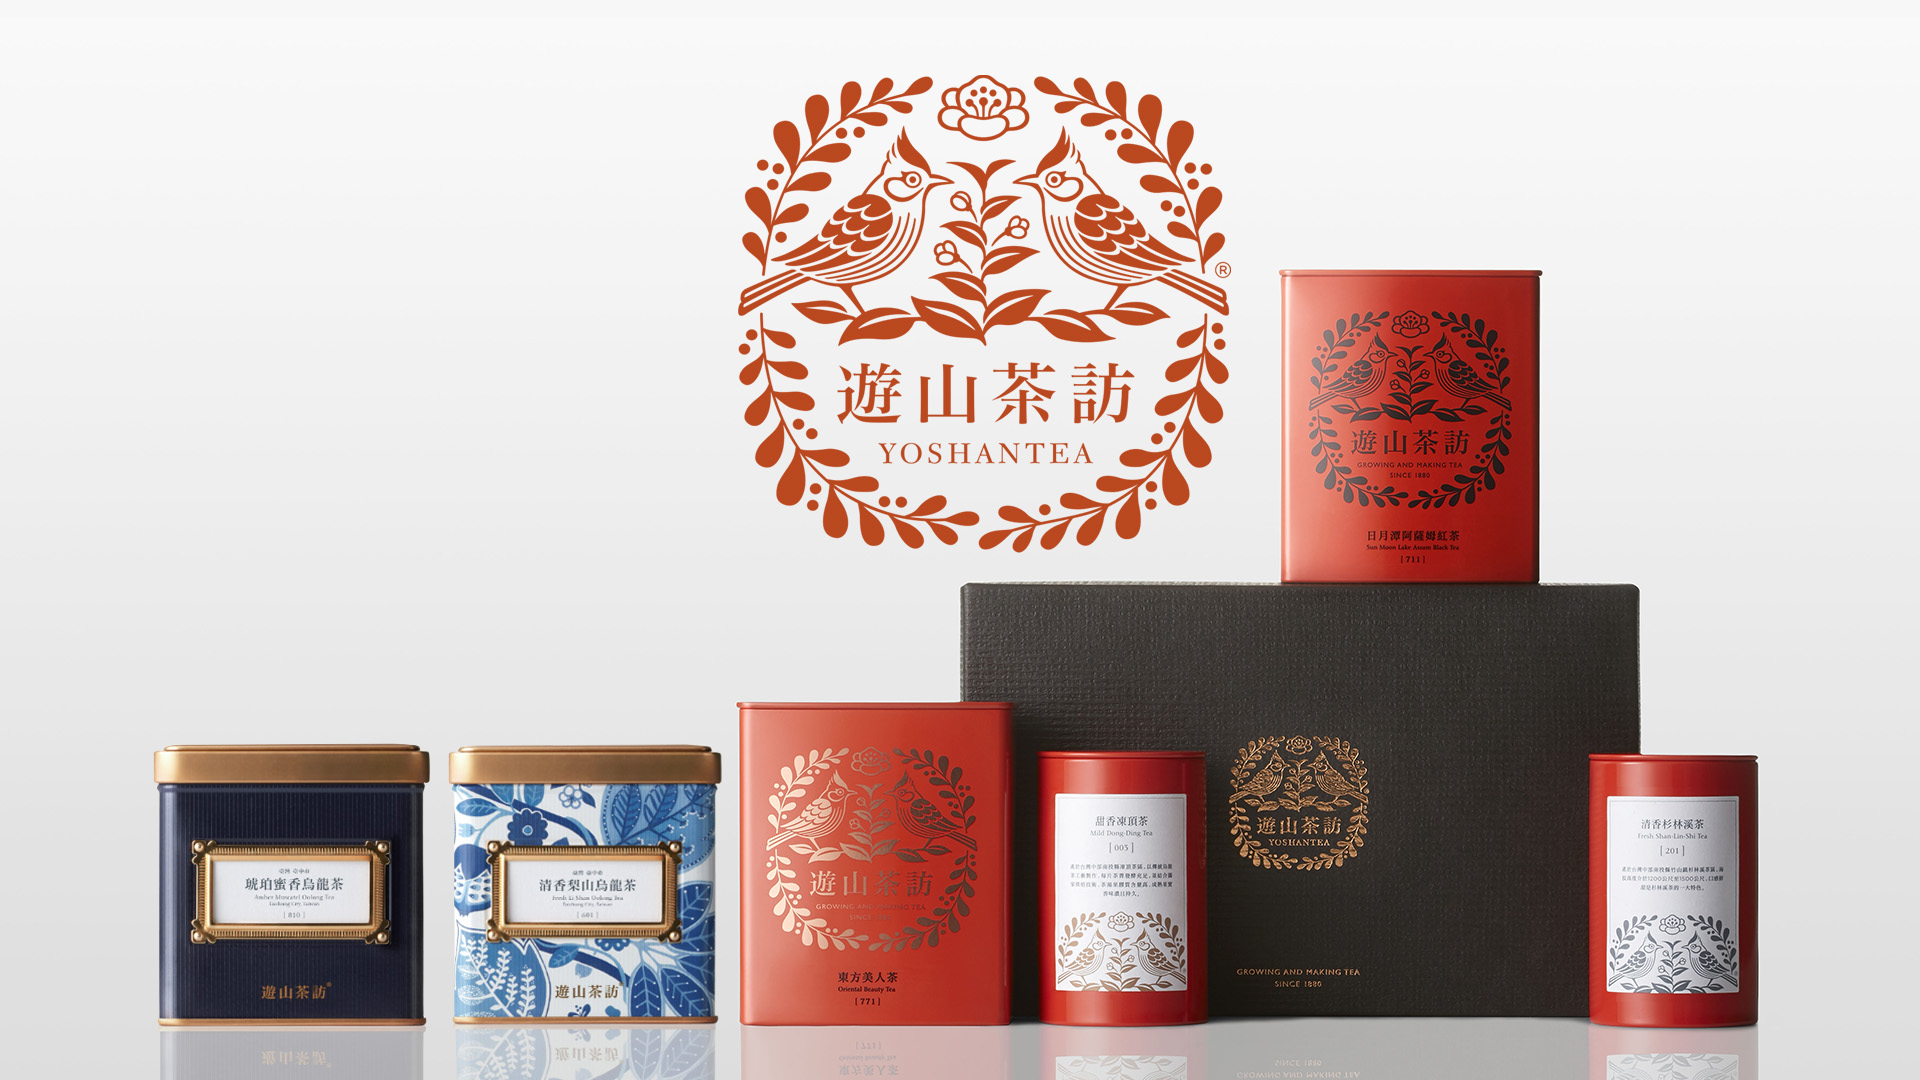 台湾茶・台湾高山茶専門店【遊山茶訪】online shop